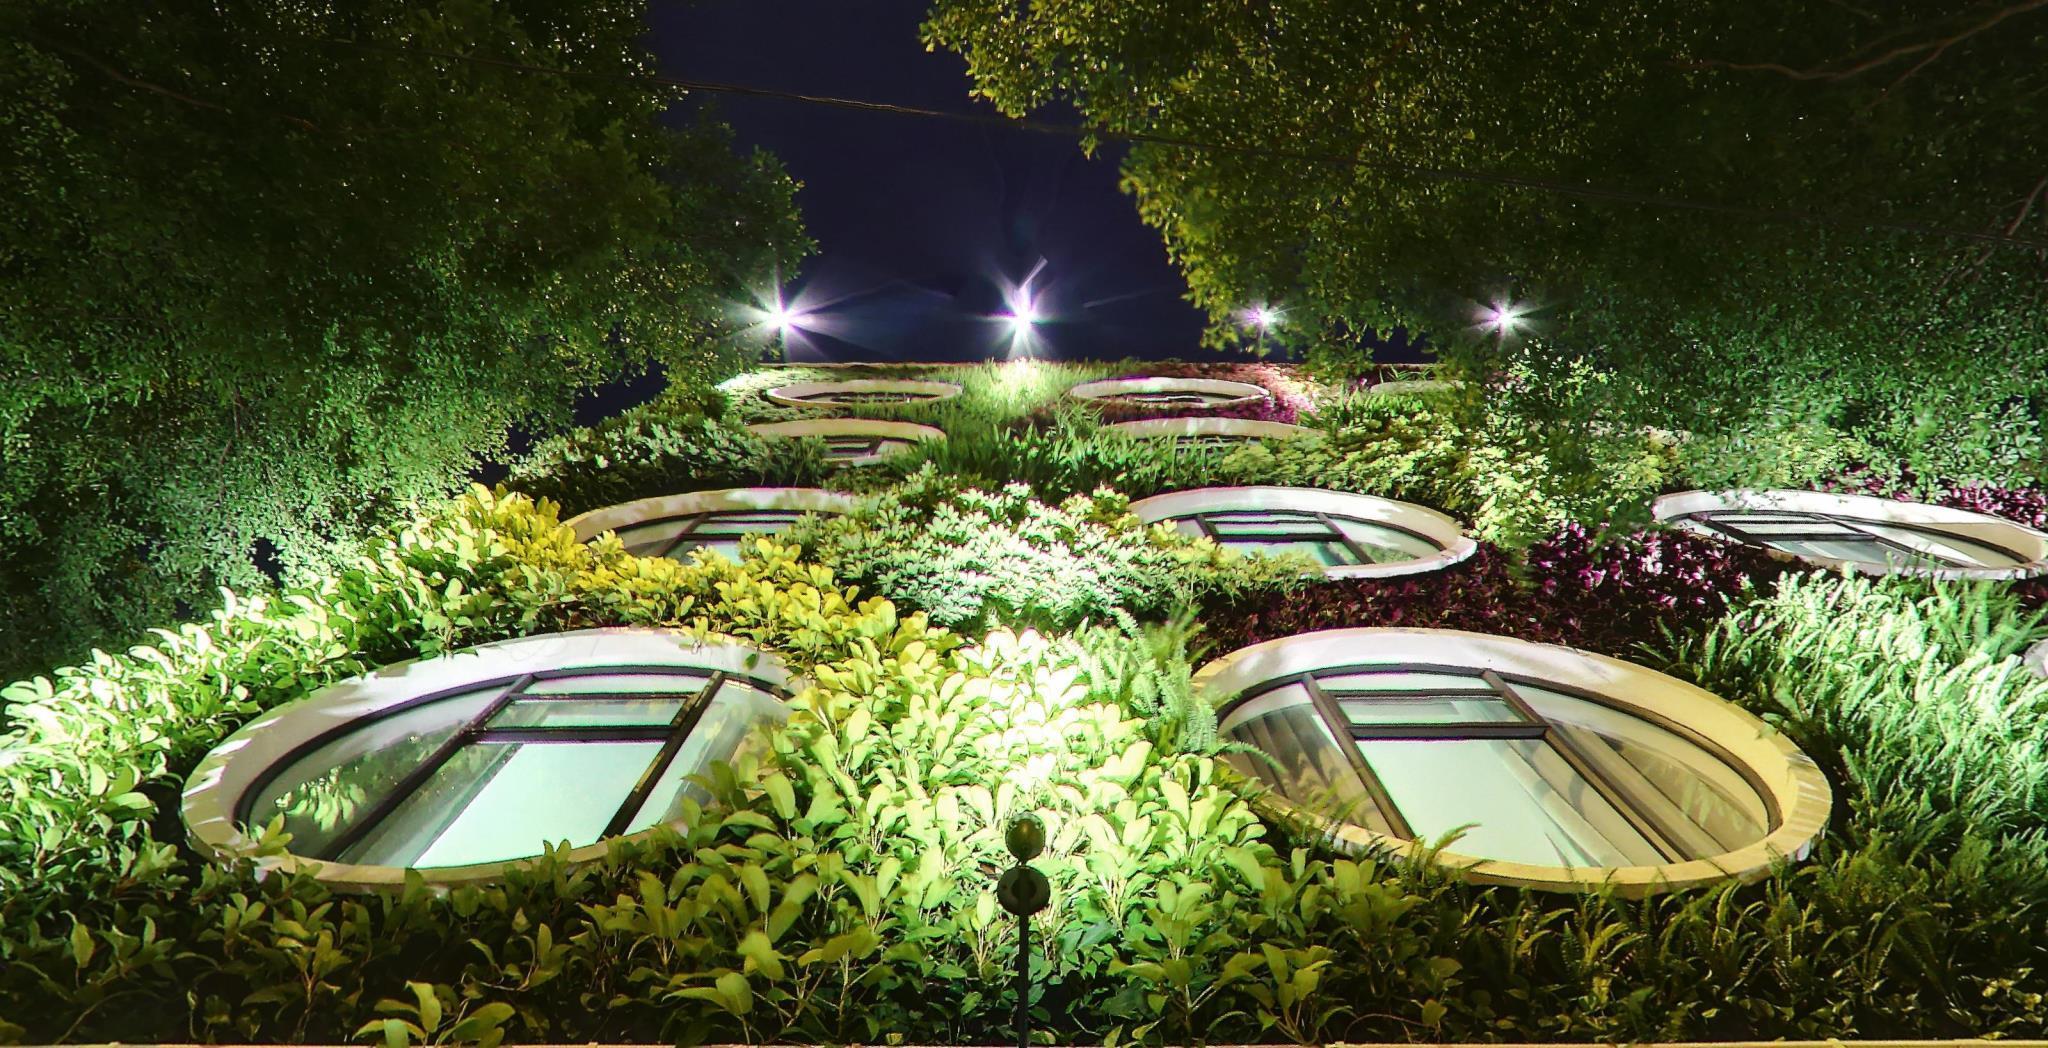 Flora by Crossroads Hotel, Kuala Lumpur